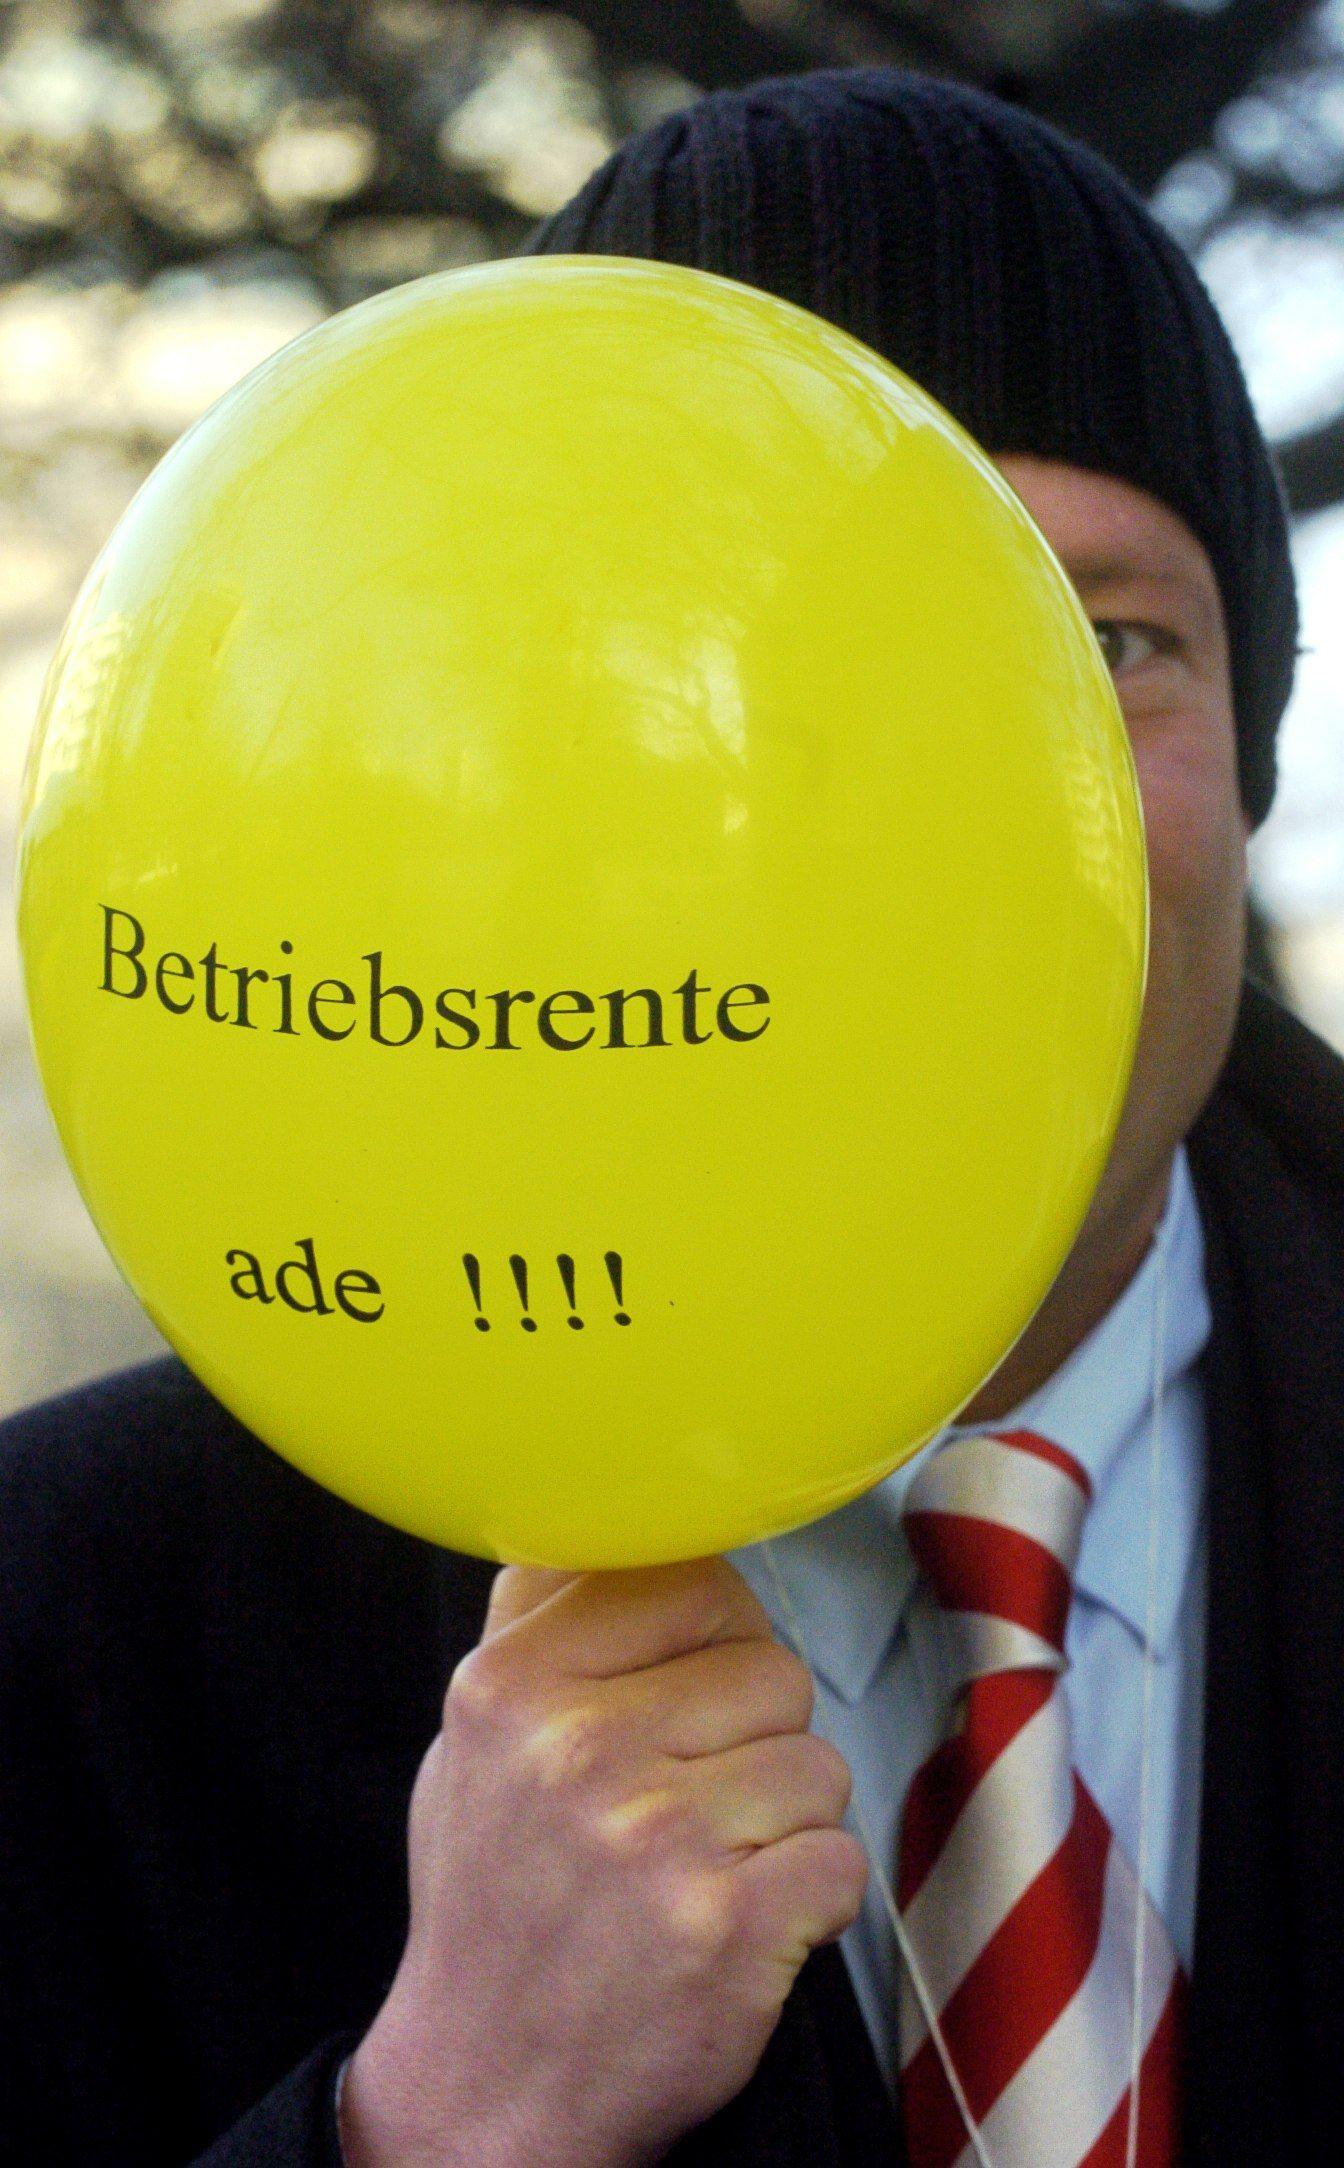 Commerzbank-Mitarbeiter protestieren gegen Betriebsrentenkündigung